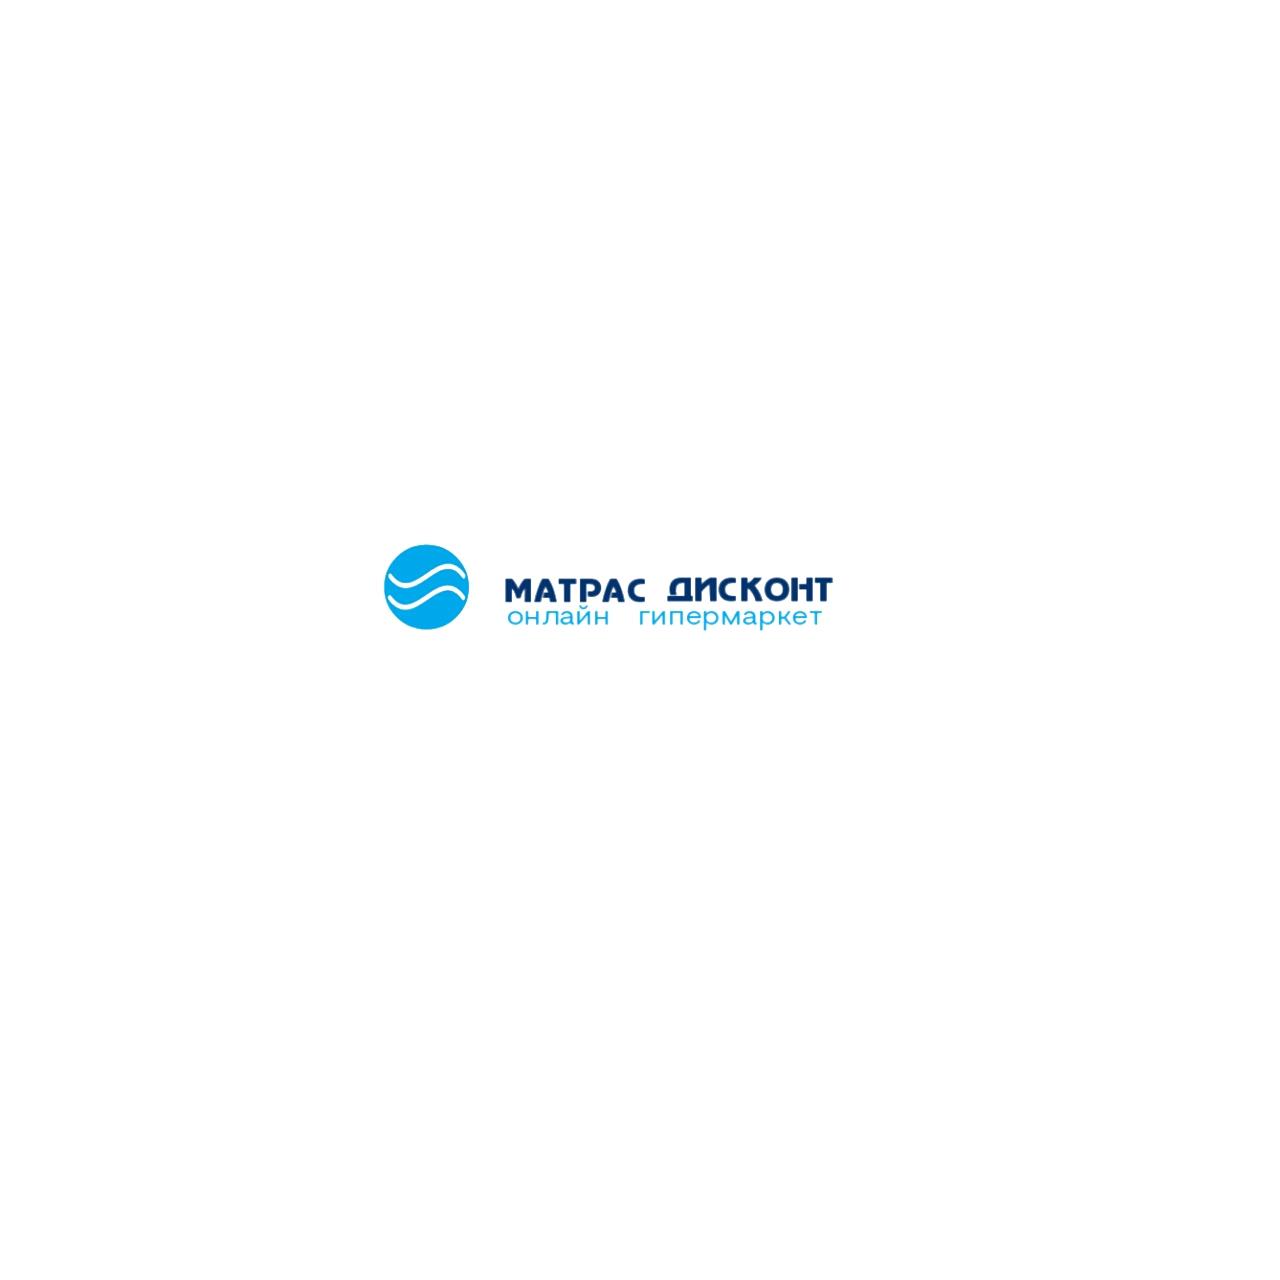 Логотип для ИМ матрасов фото f_8335c8808266a990.jpg